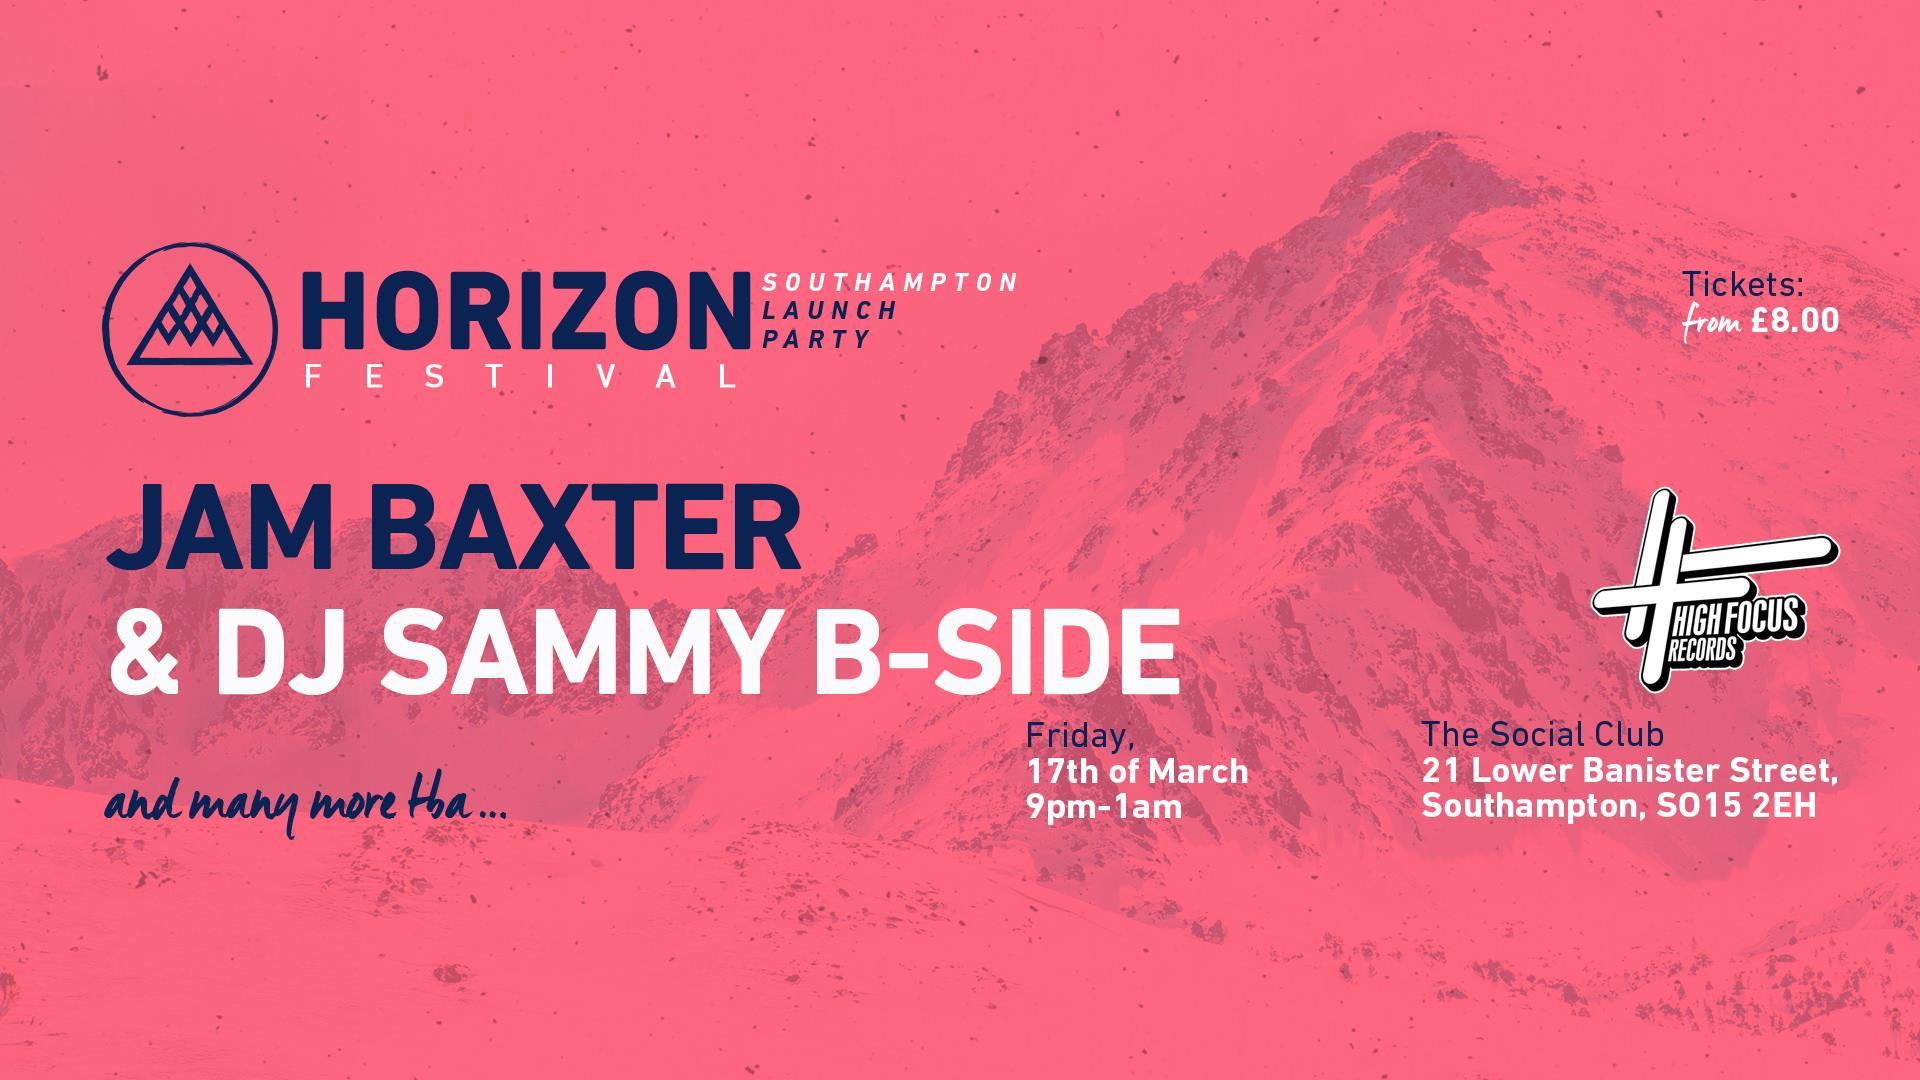 Horizon Festival Launch Party